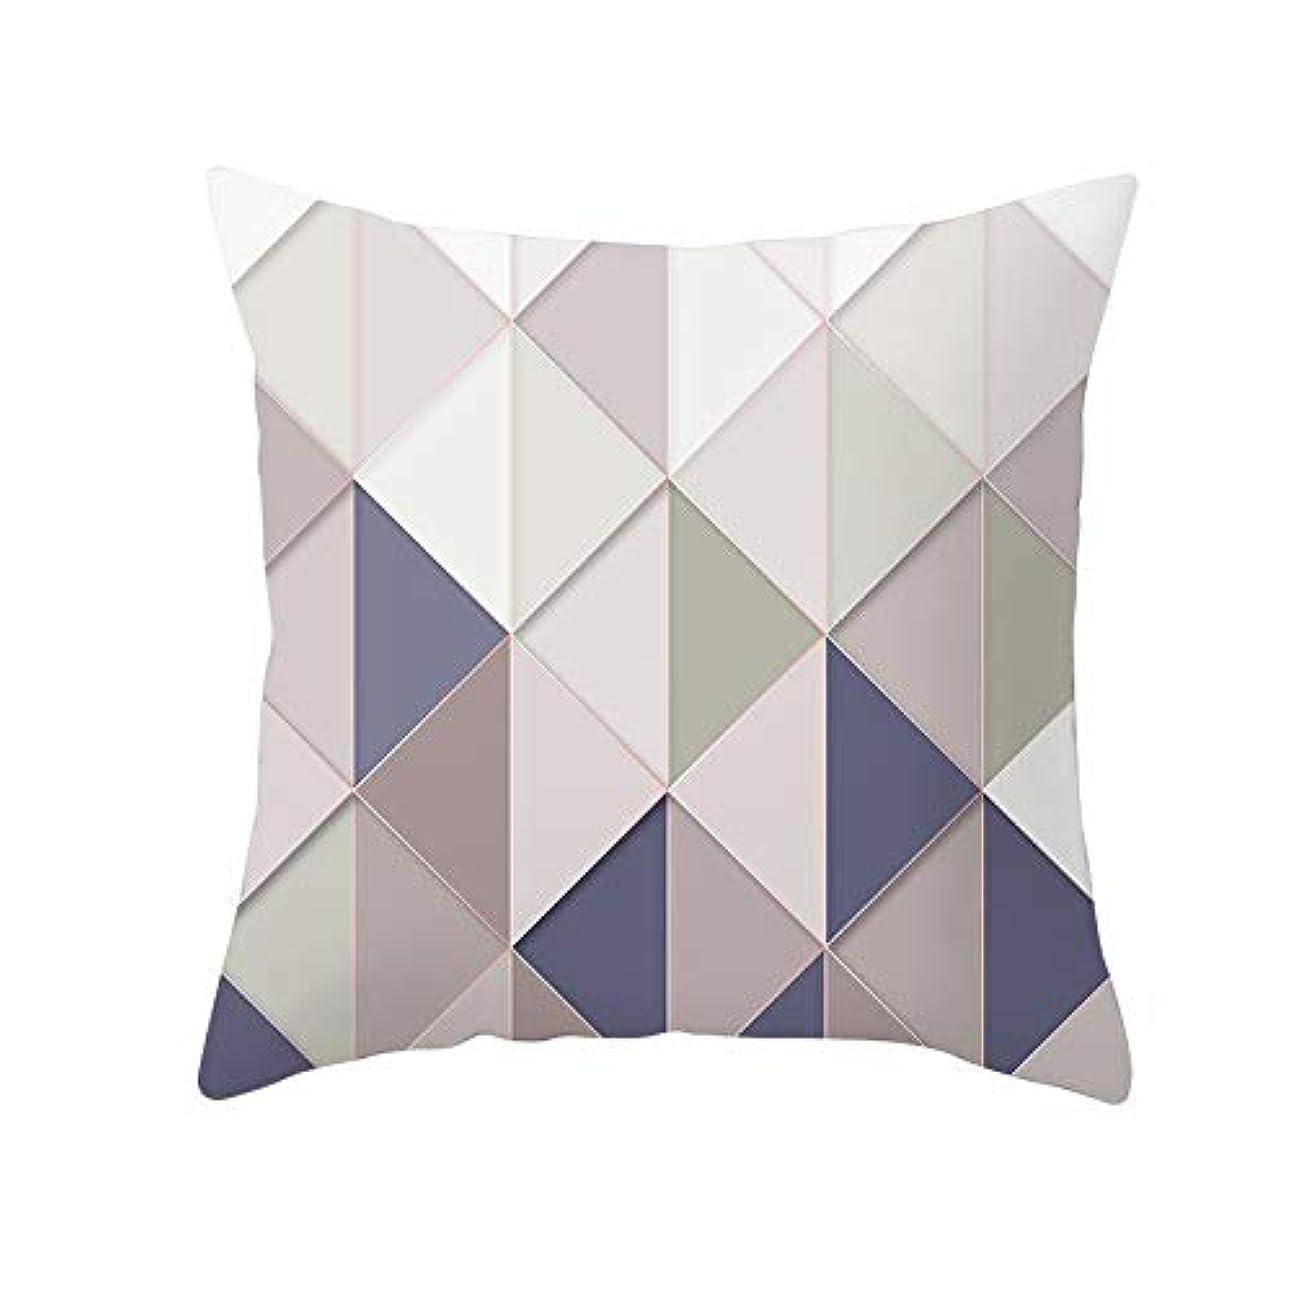 家庭針と遊ぶLIFE 装飾クッションソファ 幾何学プリントポリエステル正方形の枕ソファスロークッション家の装飾 coussin デ長椅子 クッション 椅子